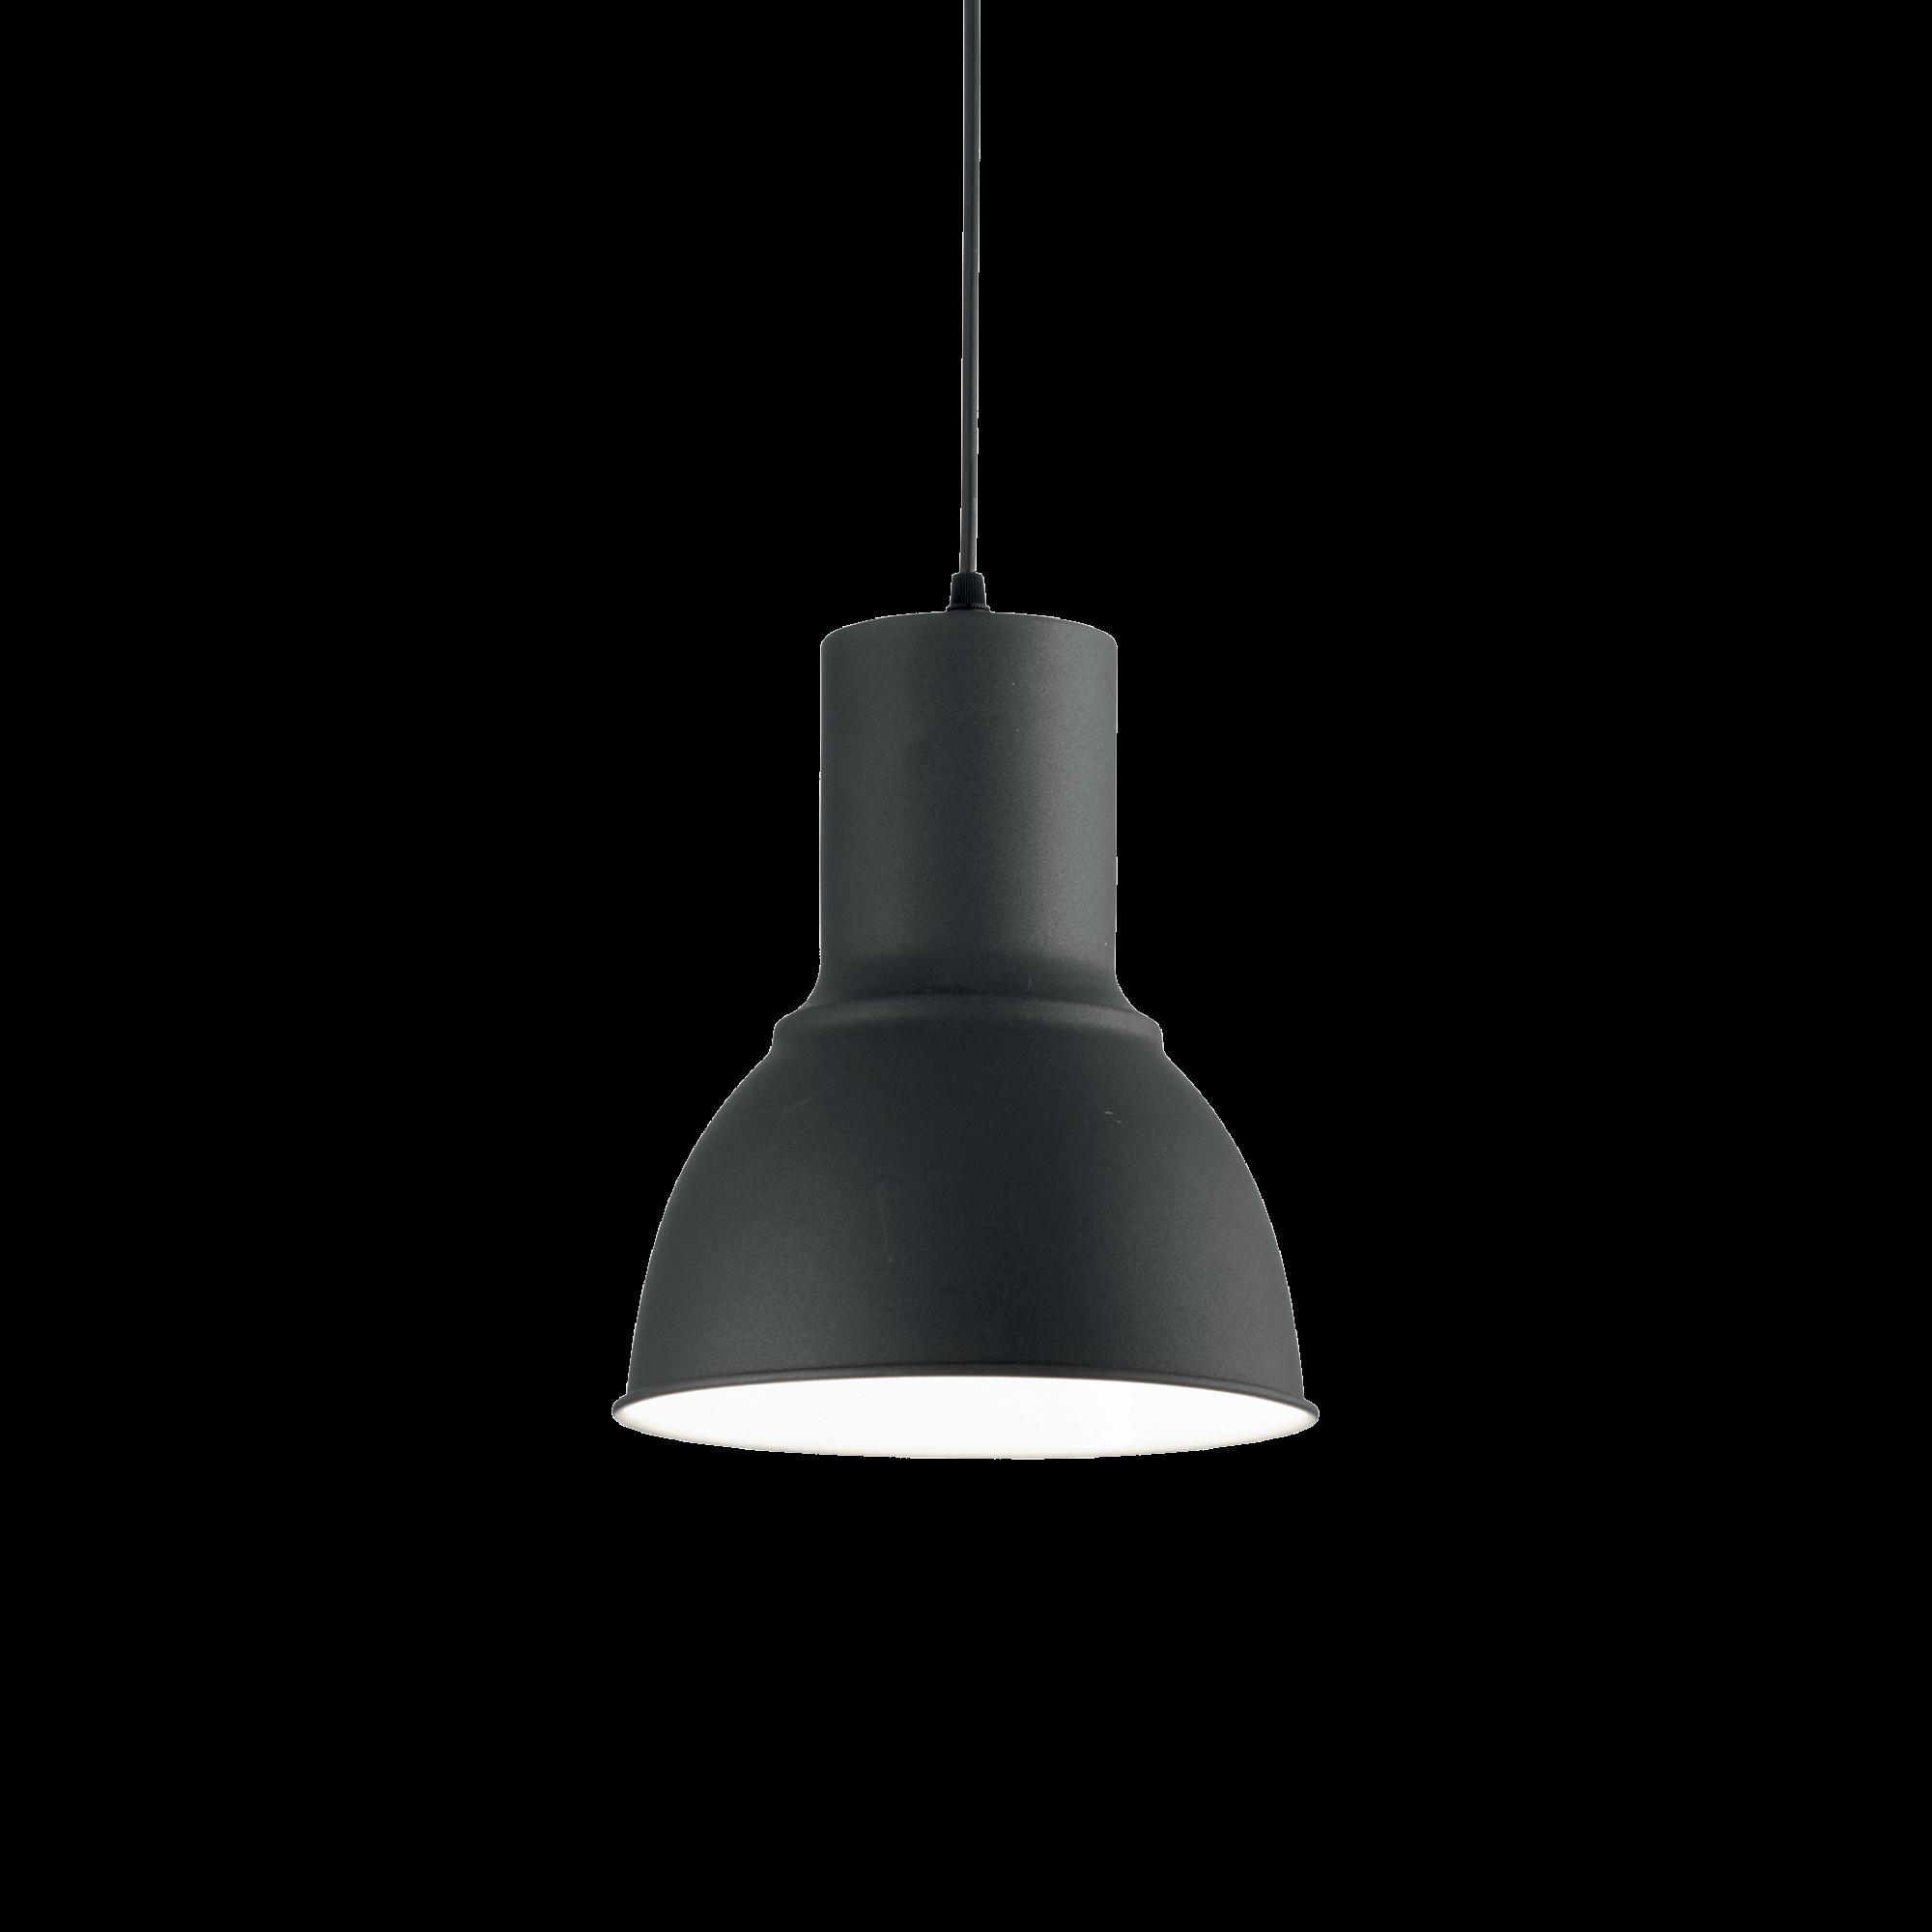 Ideal Lux 137681 BREEZE SP1 Small NERO függeszték lámpa